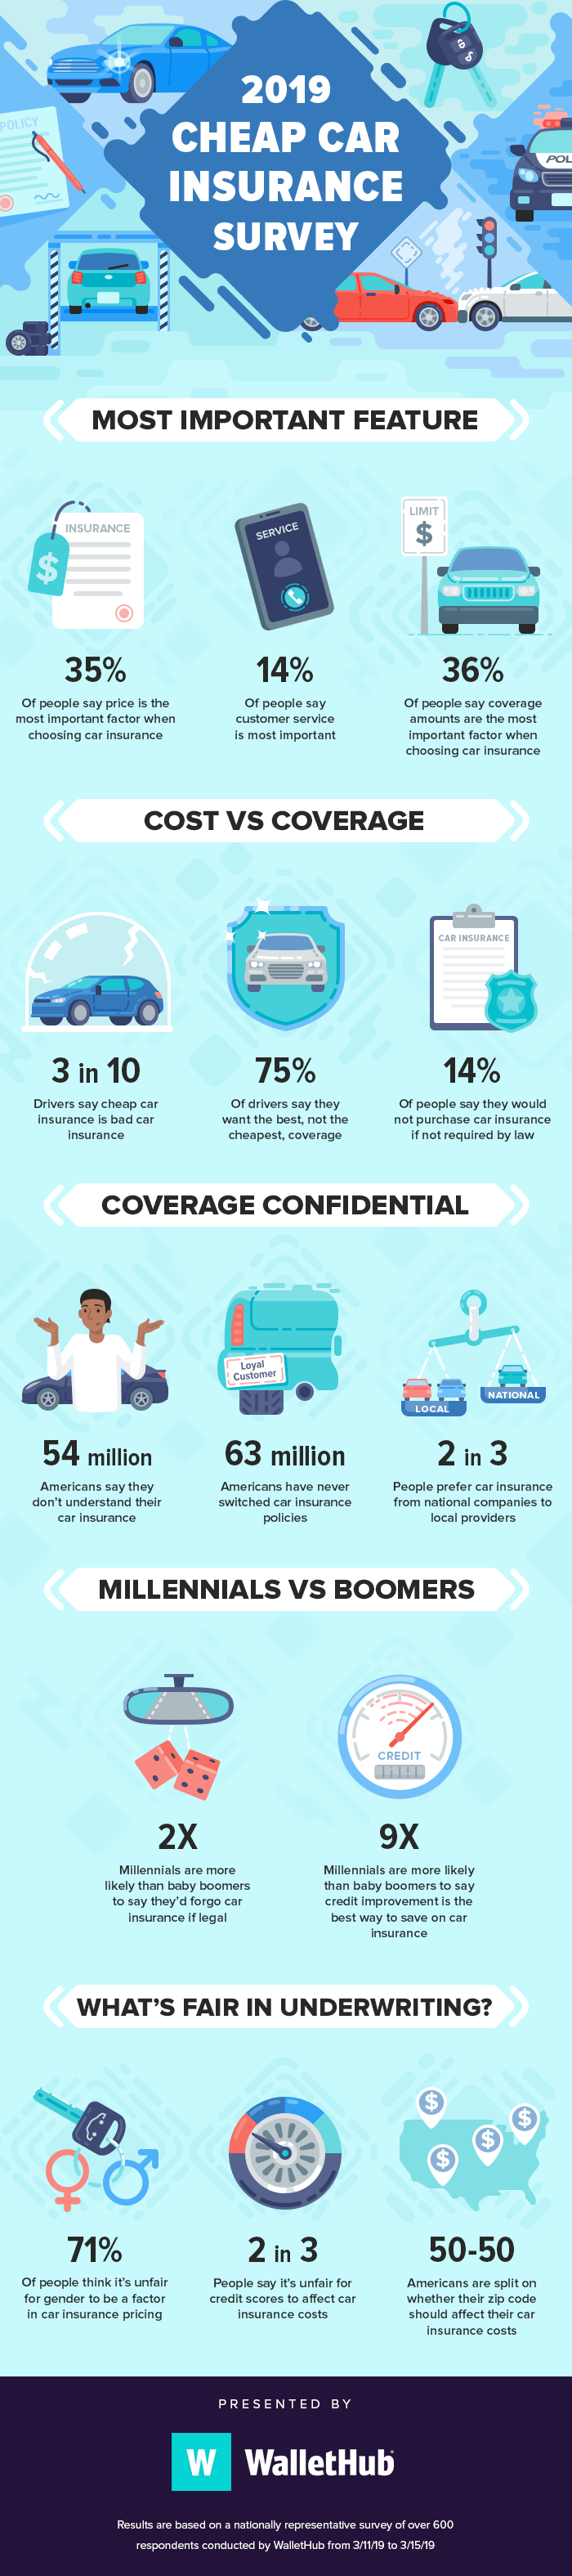 Cheap Car Insurance In 2019